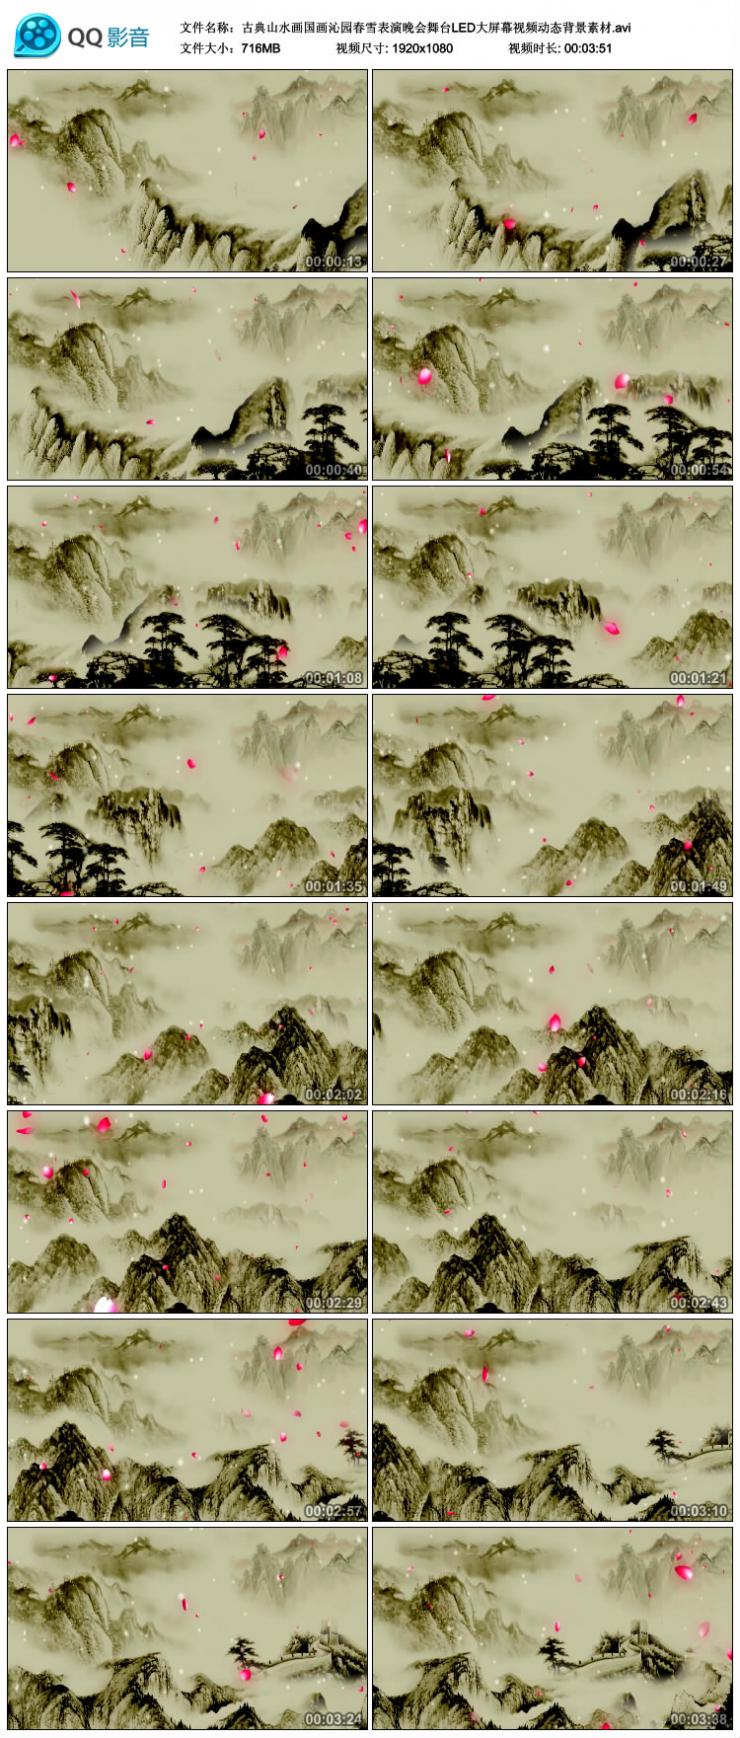 古典山水画国画沁园春雪表演晚会舞台LED屏幕视频动态背景